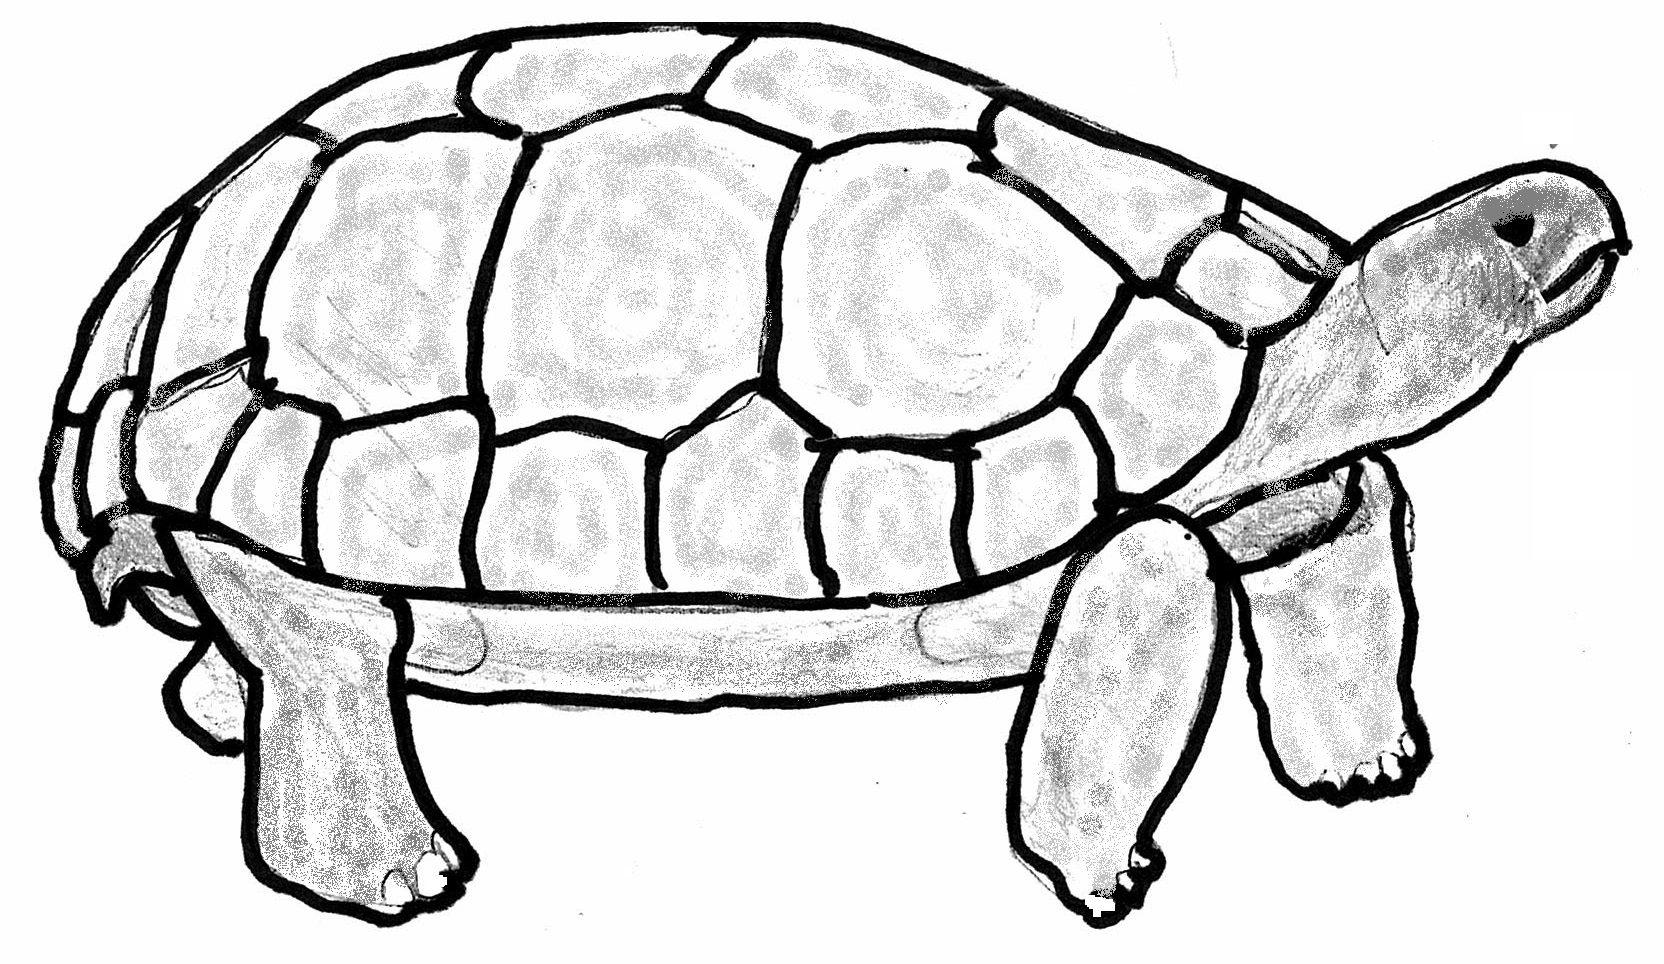 tortoise ignore friends argue